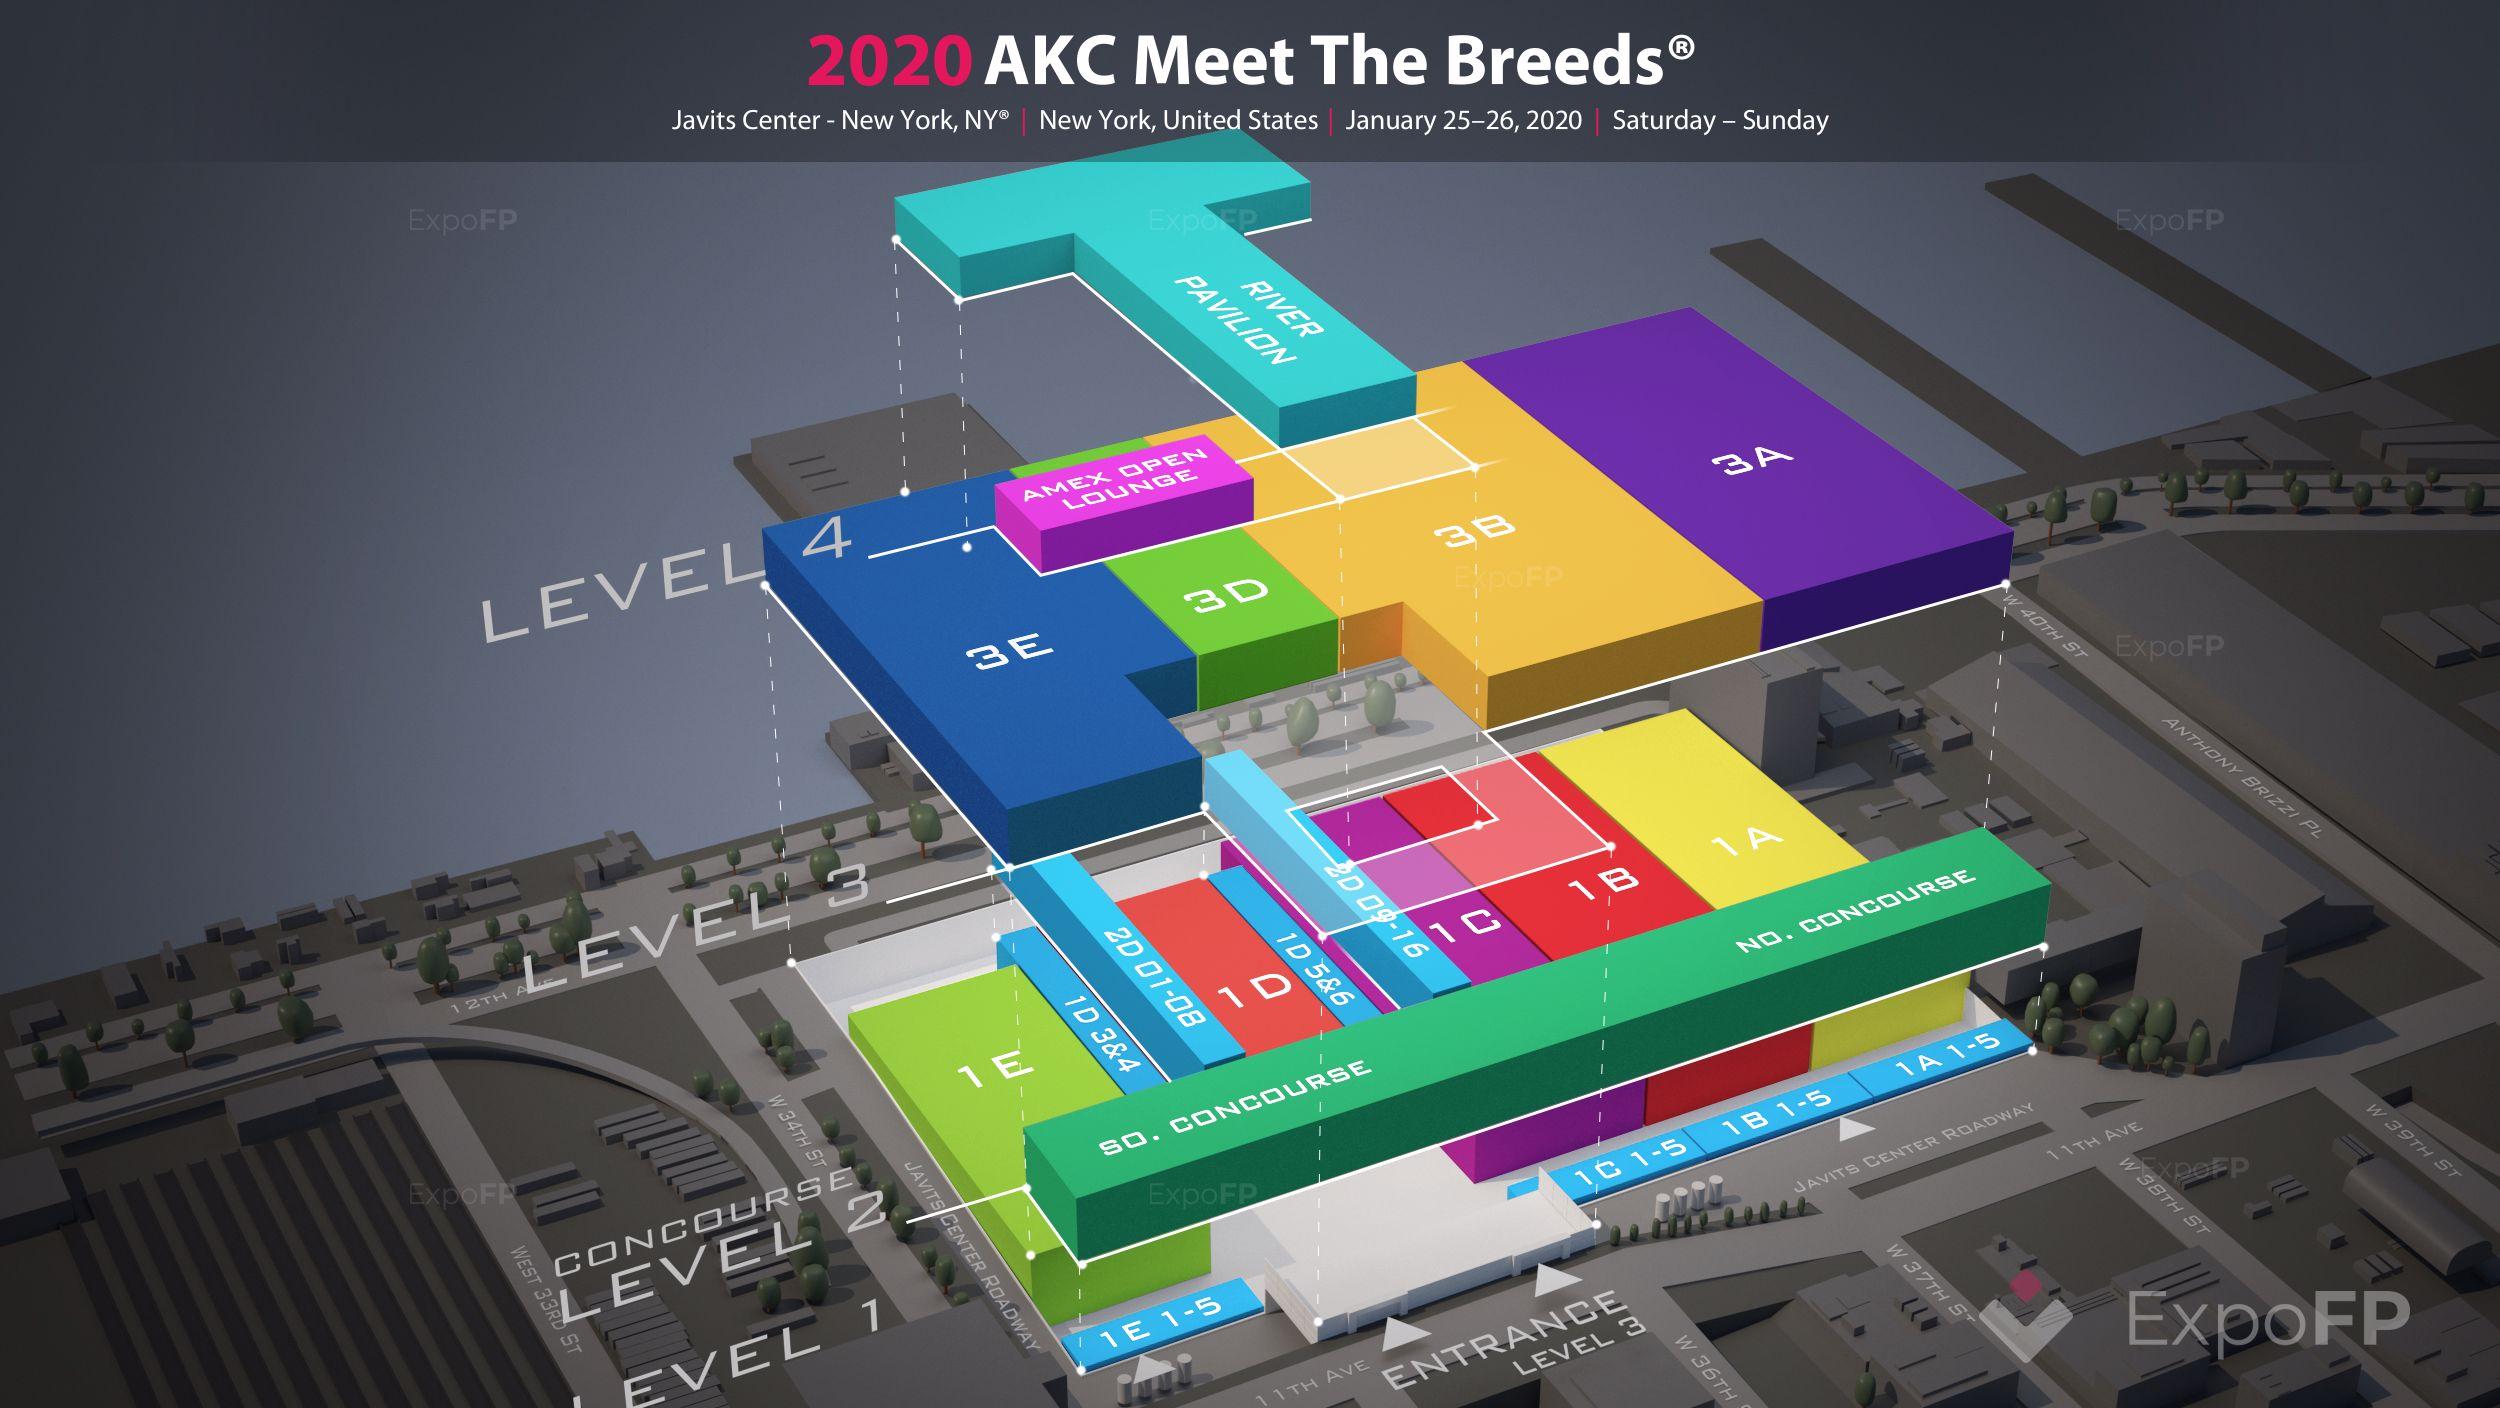 AKC Meet The Breeds 2020 3D floor plan